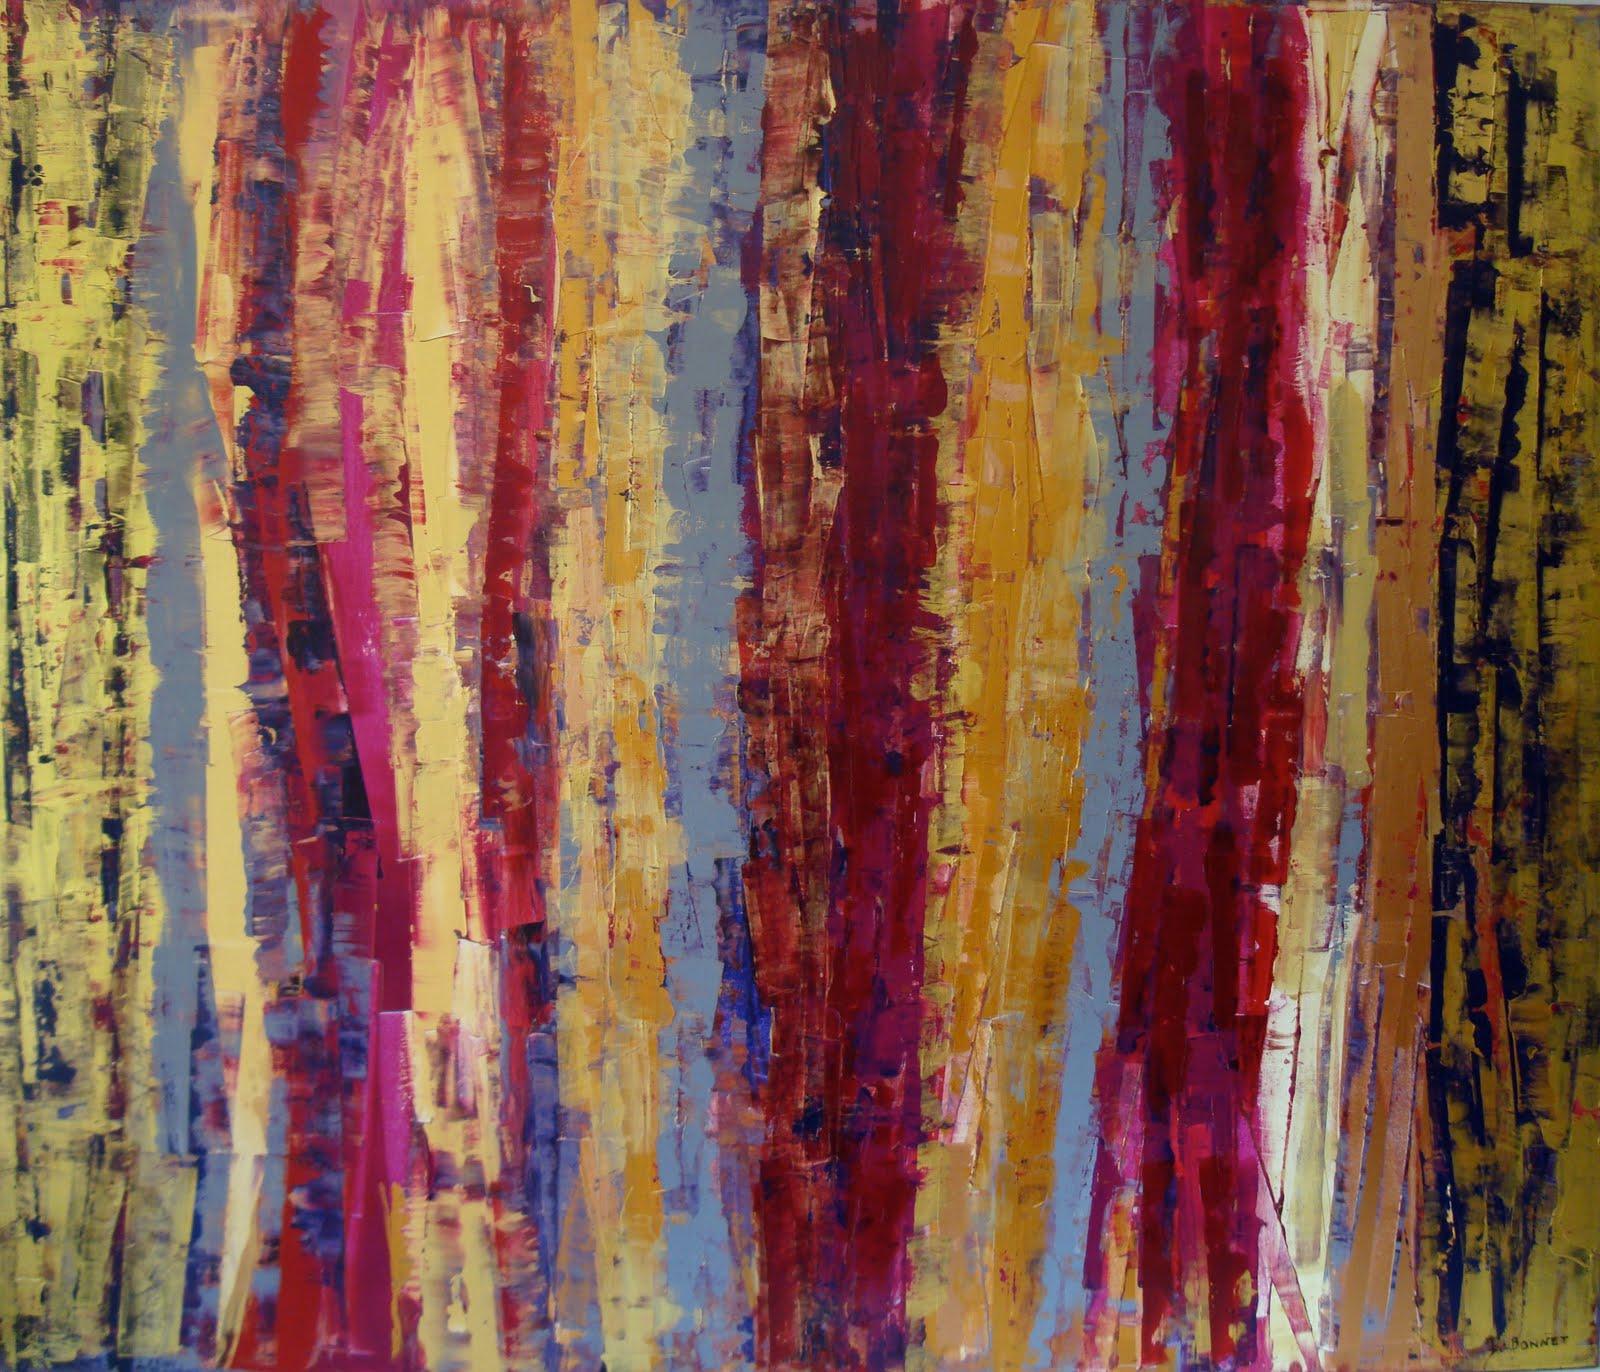 Isabelle bonnet murray velours acrylique vernis sur toile 140x120cm 2010 - Vernis sur peinture acrylique ...